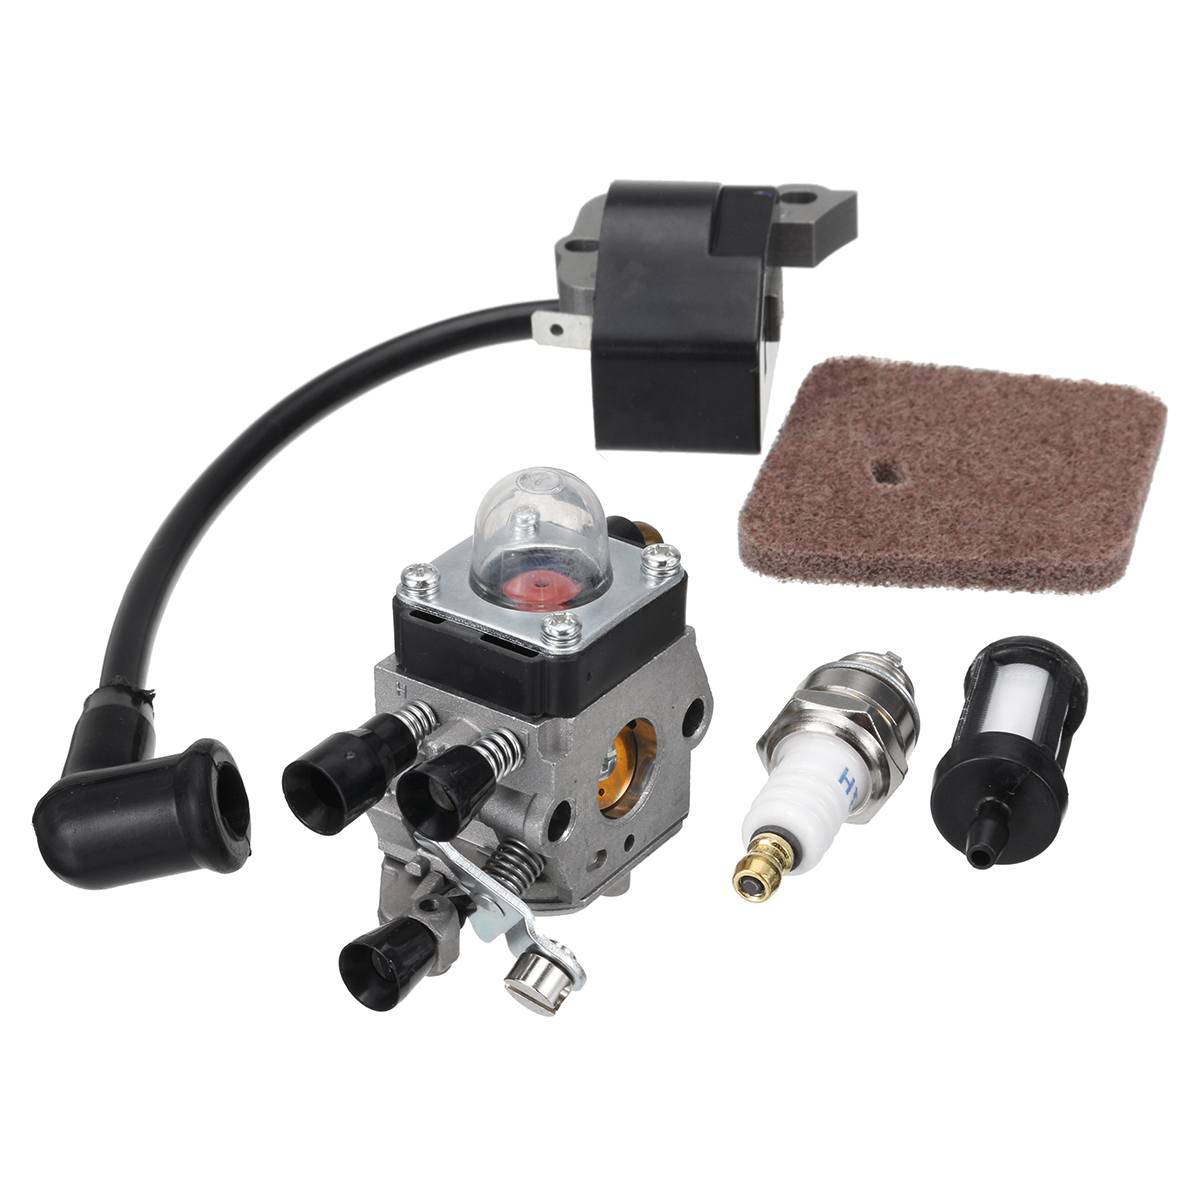 Ignition Coil Carburetor Carb Kit For STIHL FS38 FS45 FS46 FS55 KM55R FS45C FC55Ignition Coil Carburetor Carb Kit For STIHL FS38 FS45 FS46 FS55 KM55R FS45C FC55